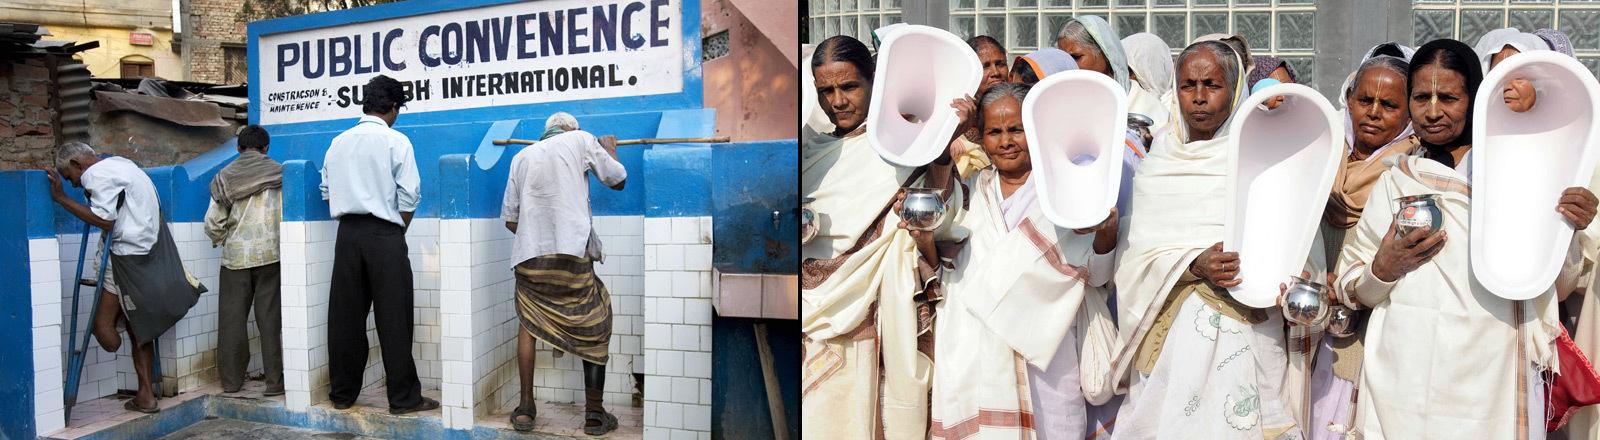 Öffentliches Pissoir in Indien und Frauen mit Kloschüsseln in der Hand.